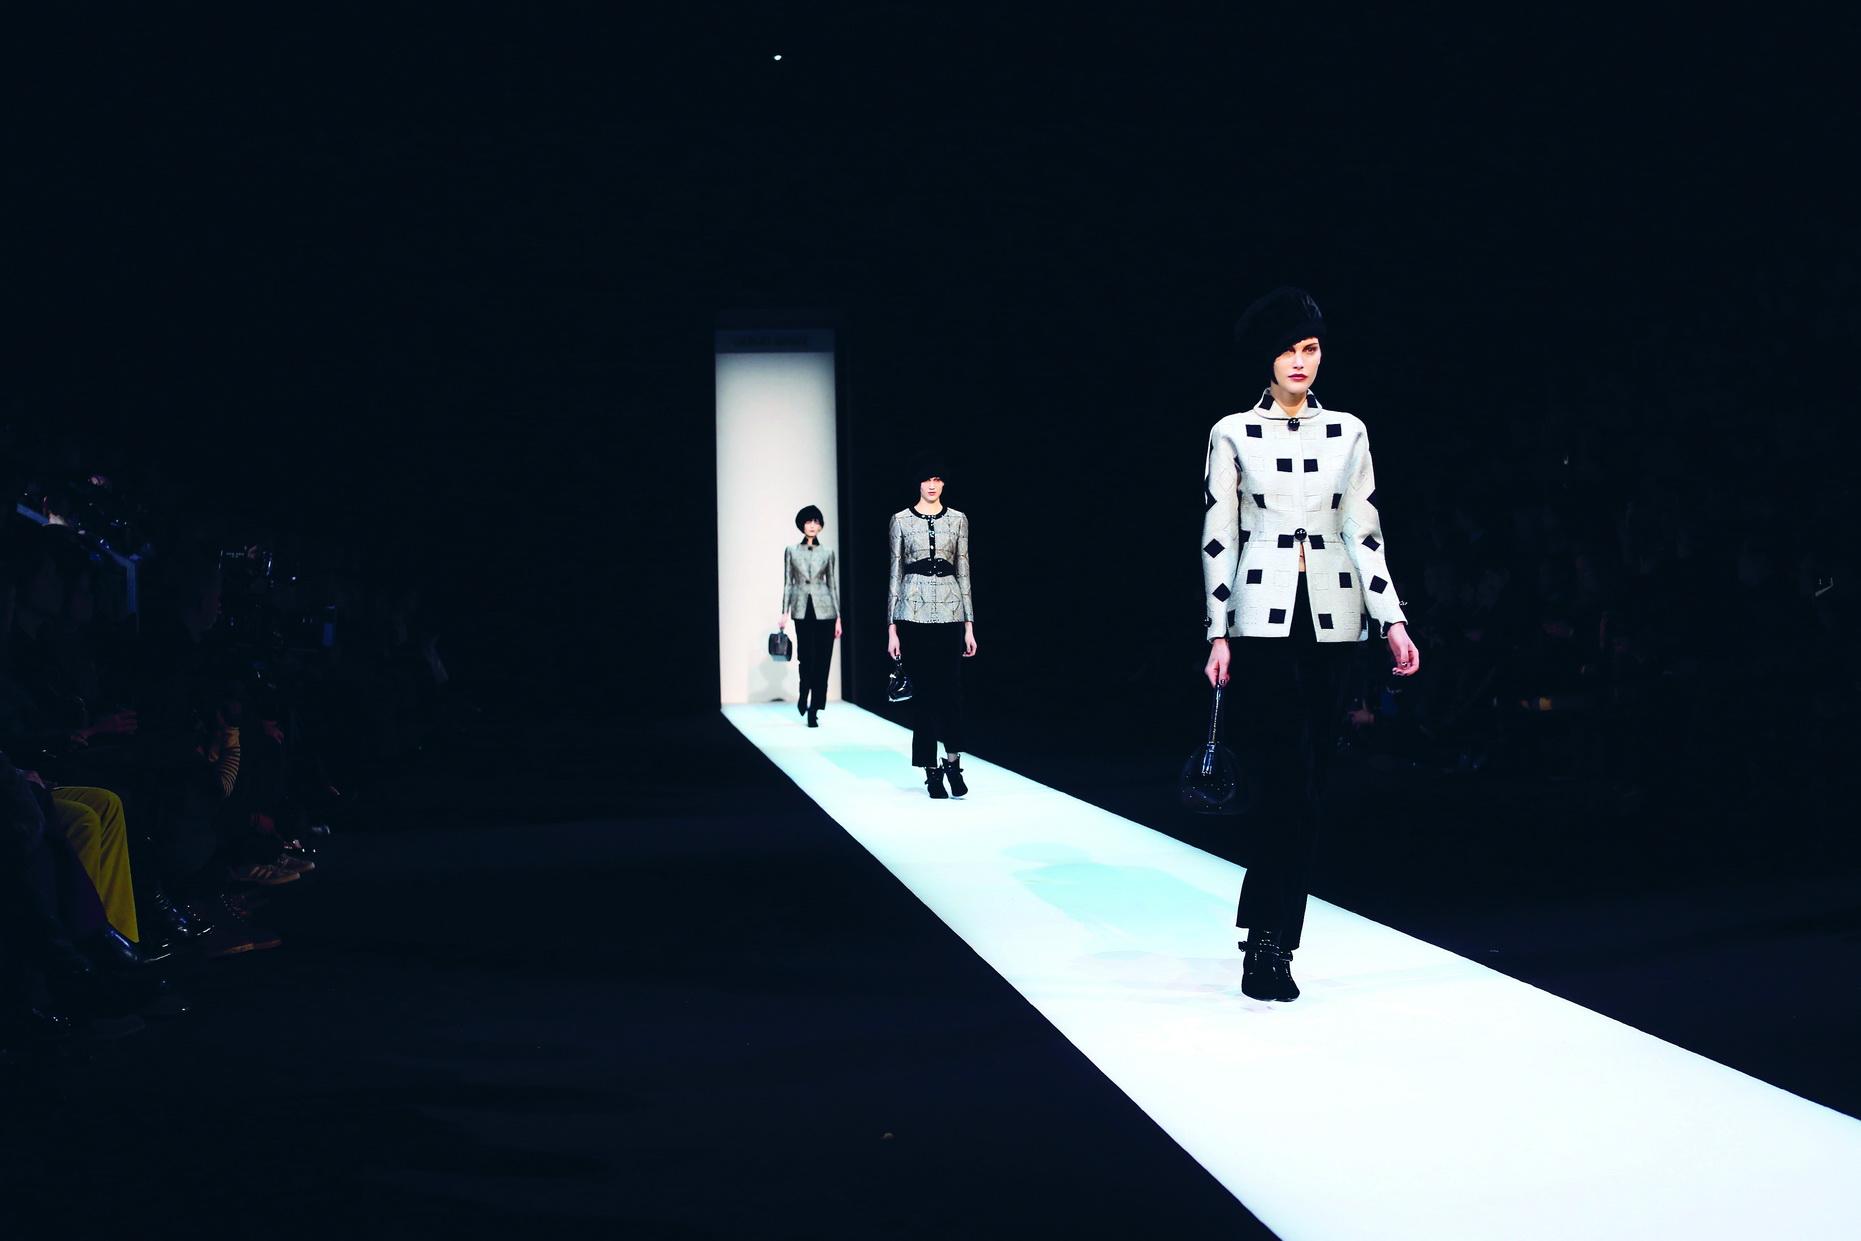 Giorgio Armani <br/>Đêm diễn như một giấc mơ đẹp với đường băng sáng choang tập trung mọi sự chú ý. BST